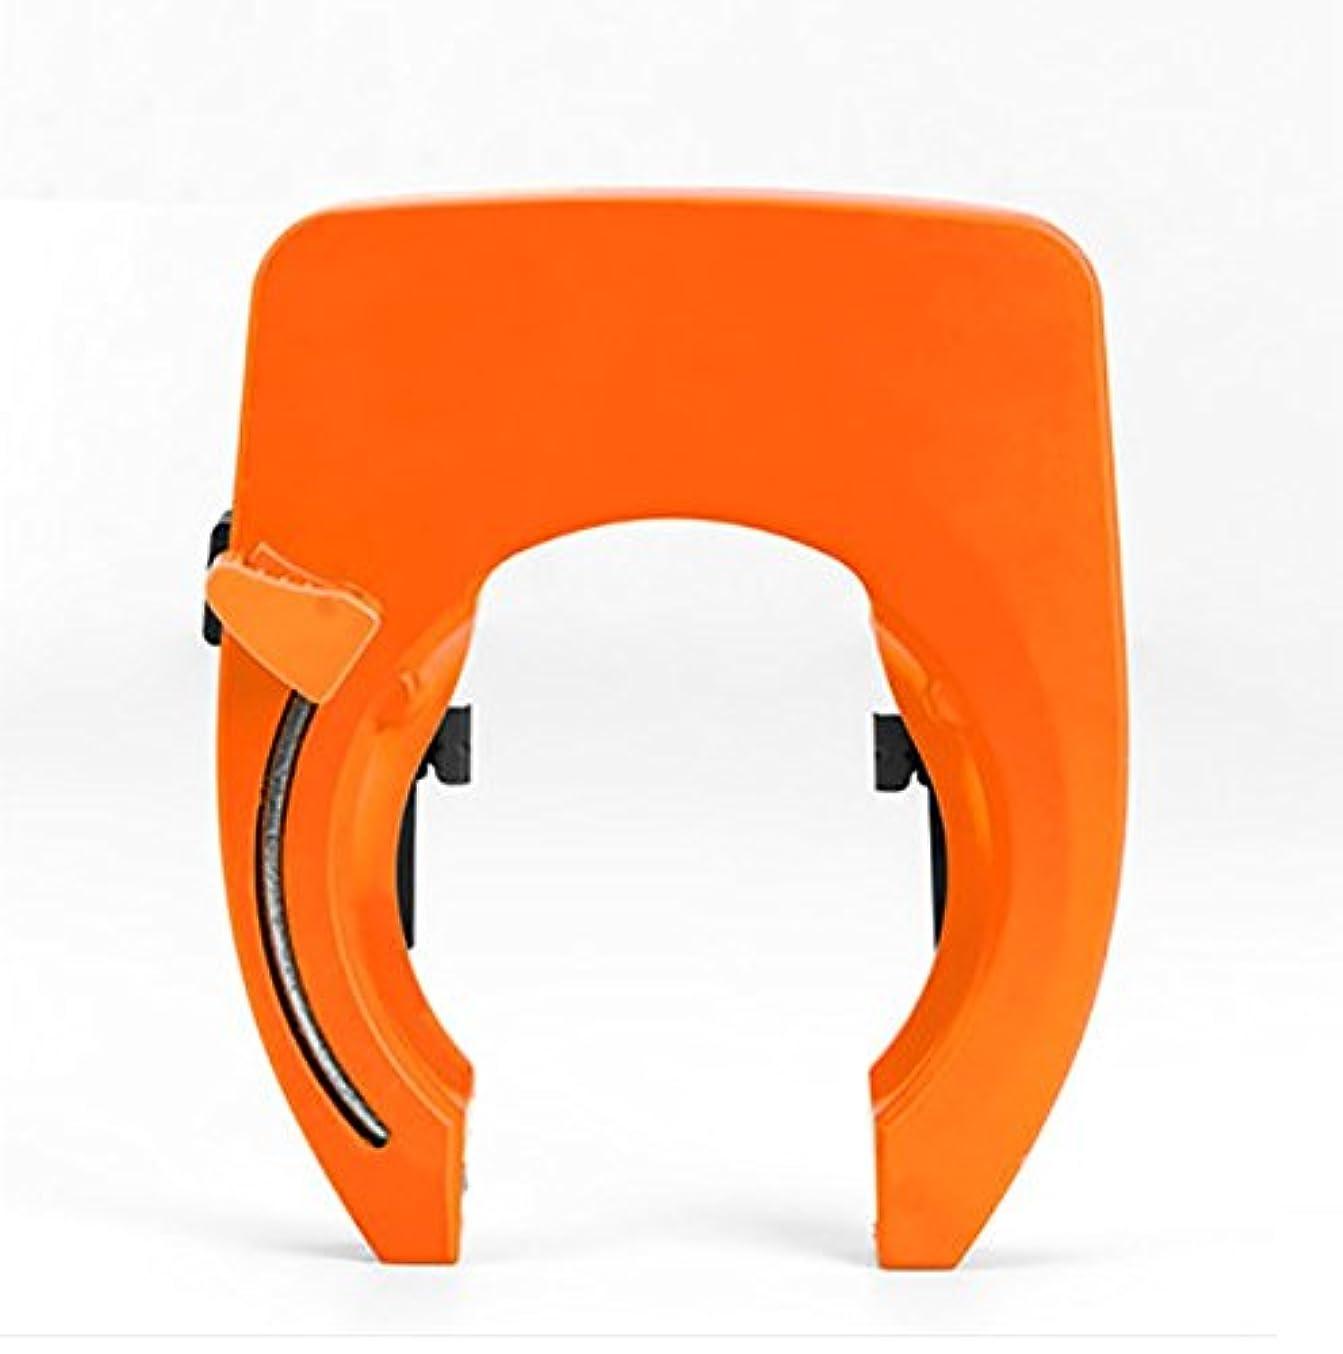 クレア哲学博士意味のあるRuix自転車ロックスマートU - Lockセキュリティ盗難防止携帯電話App Bluetoothロック